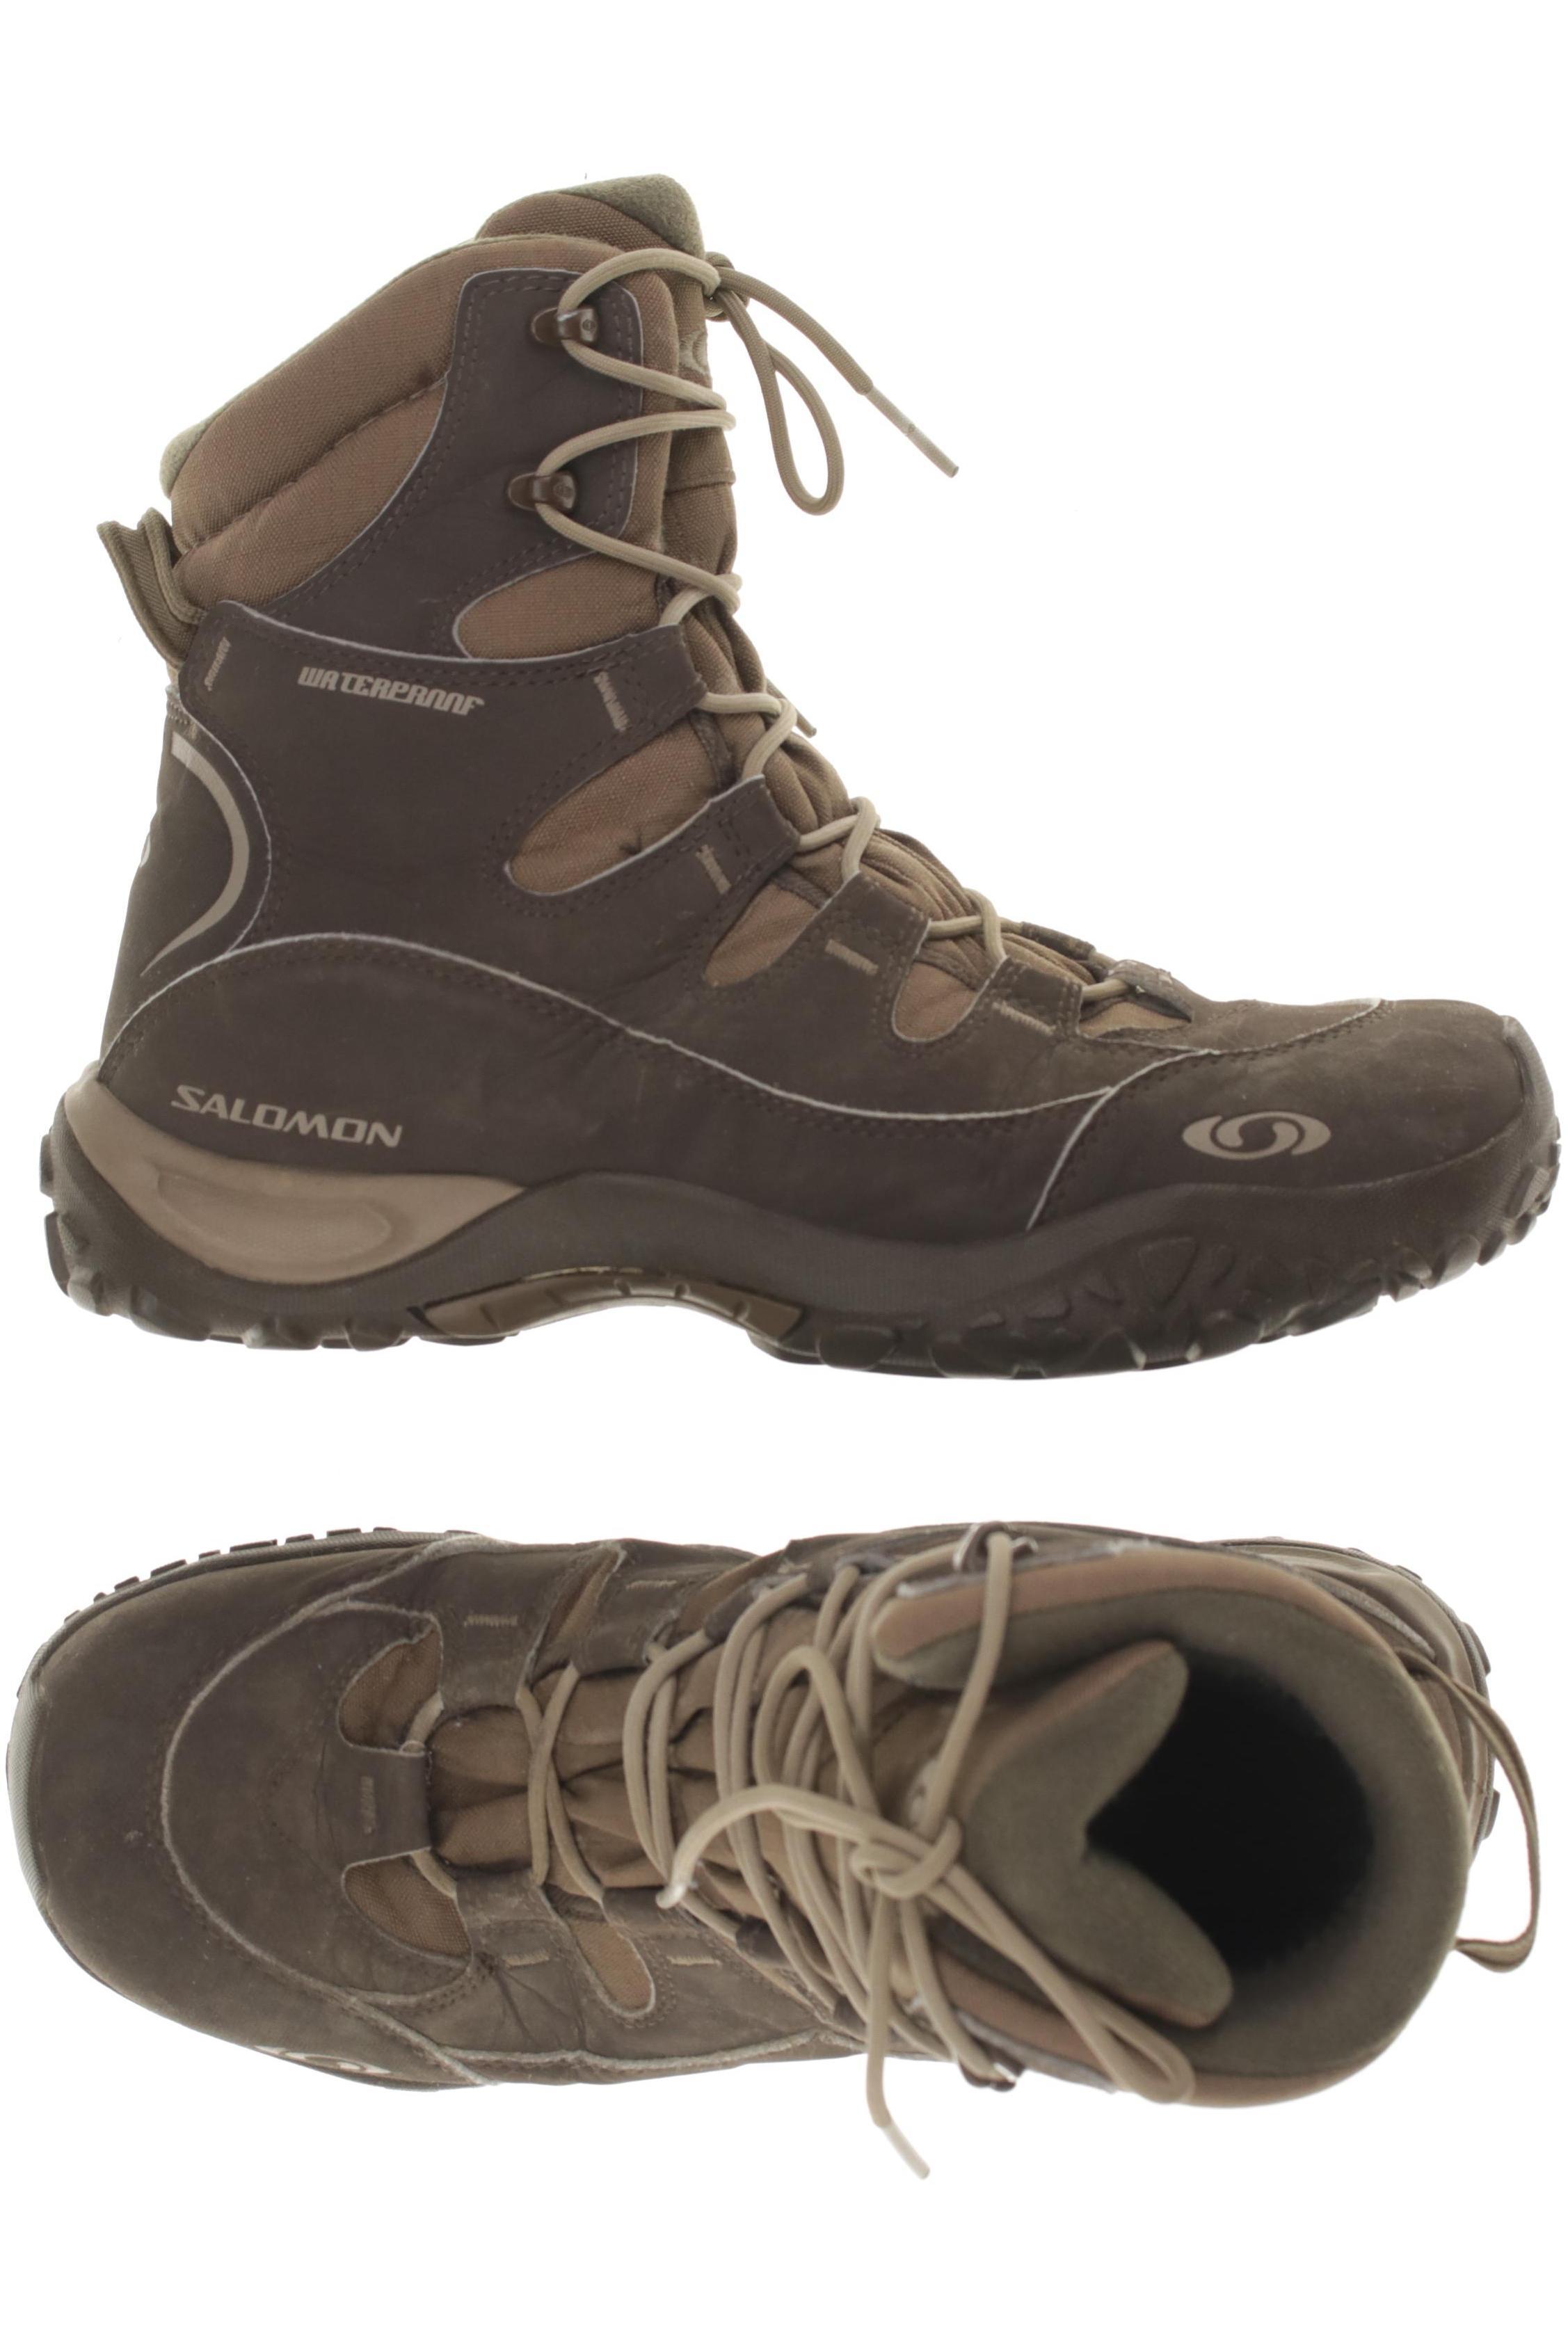 Details zu SALOMON Stiefel Herren Boots Gr. DE 44 kein Etikett braun #fb42afc